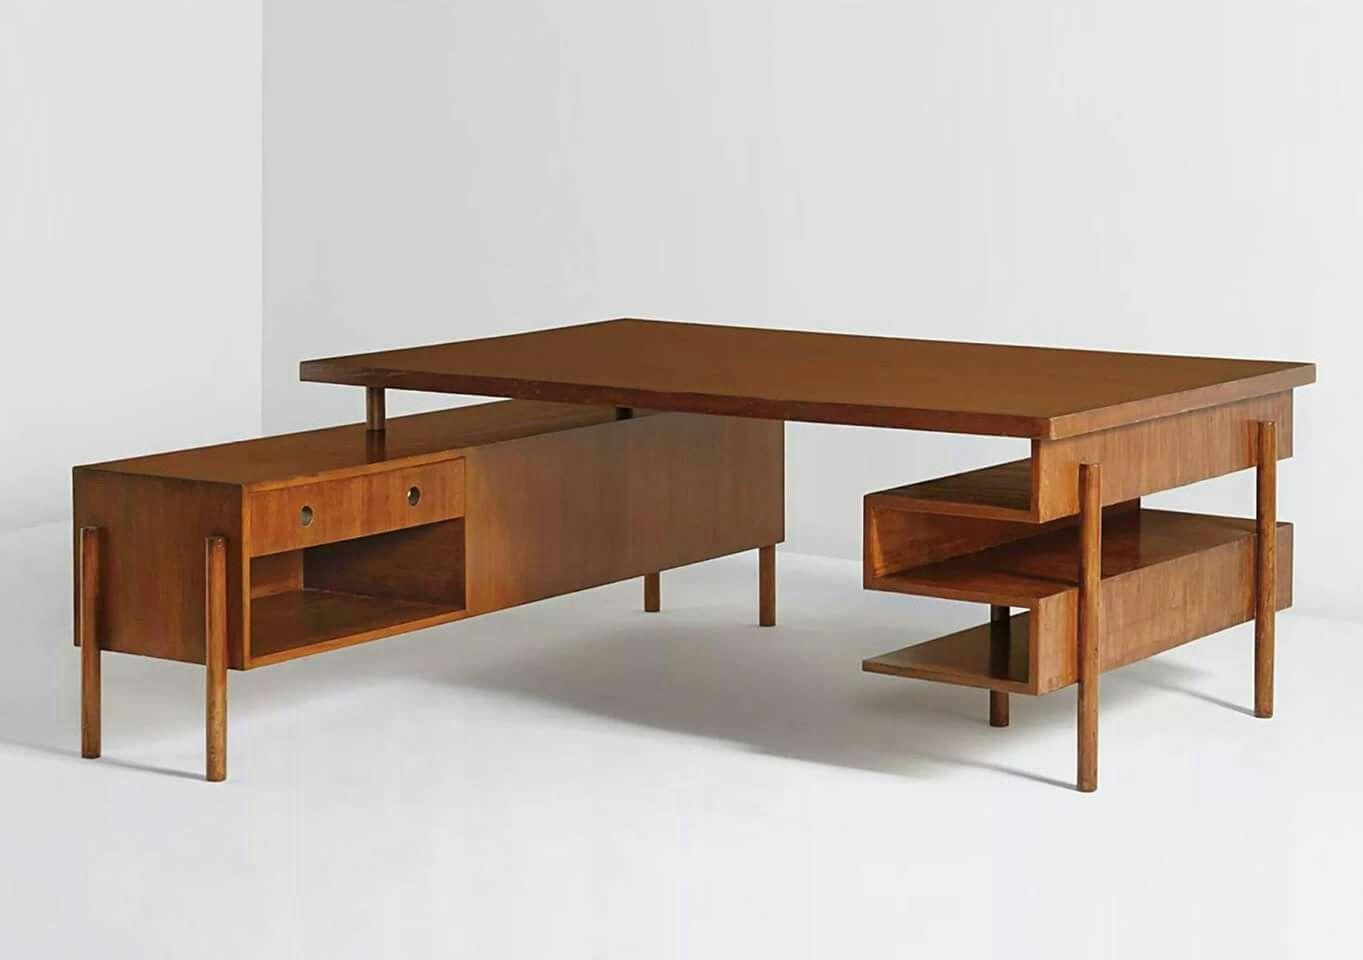 Pin von 목현 박 auf Wood | Pinterest | Schreibtische, Tisch und Möbel